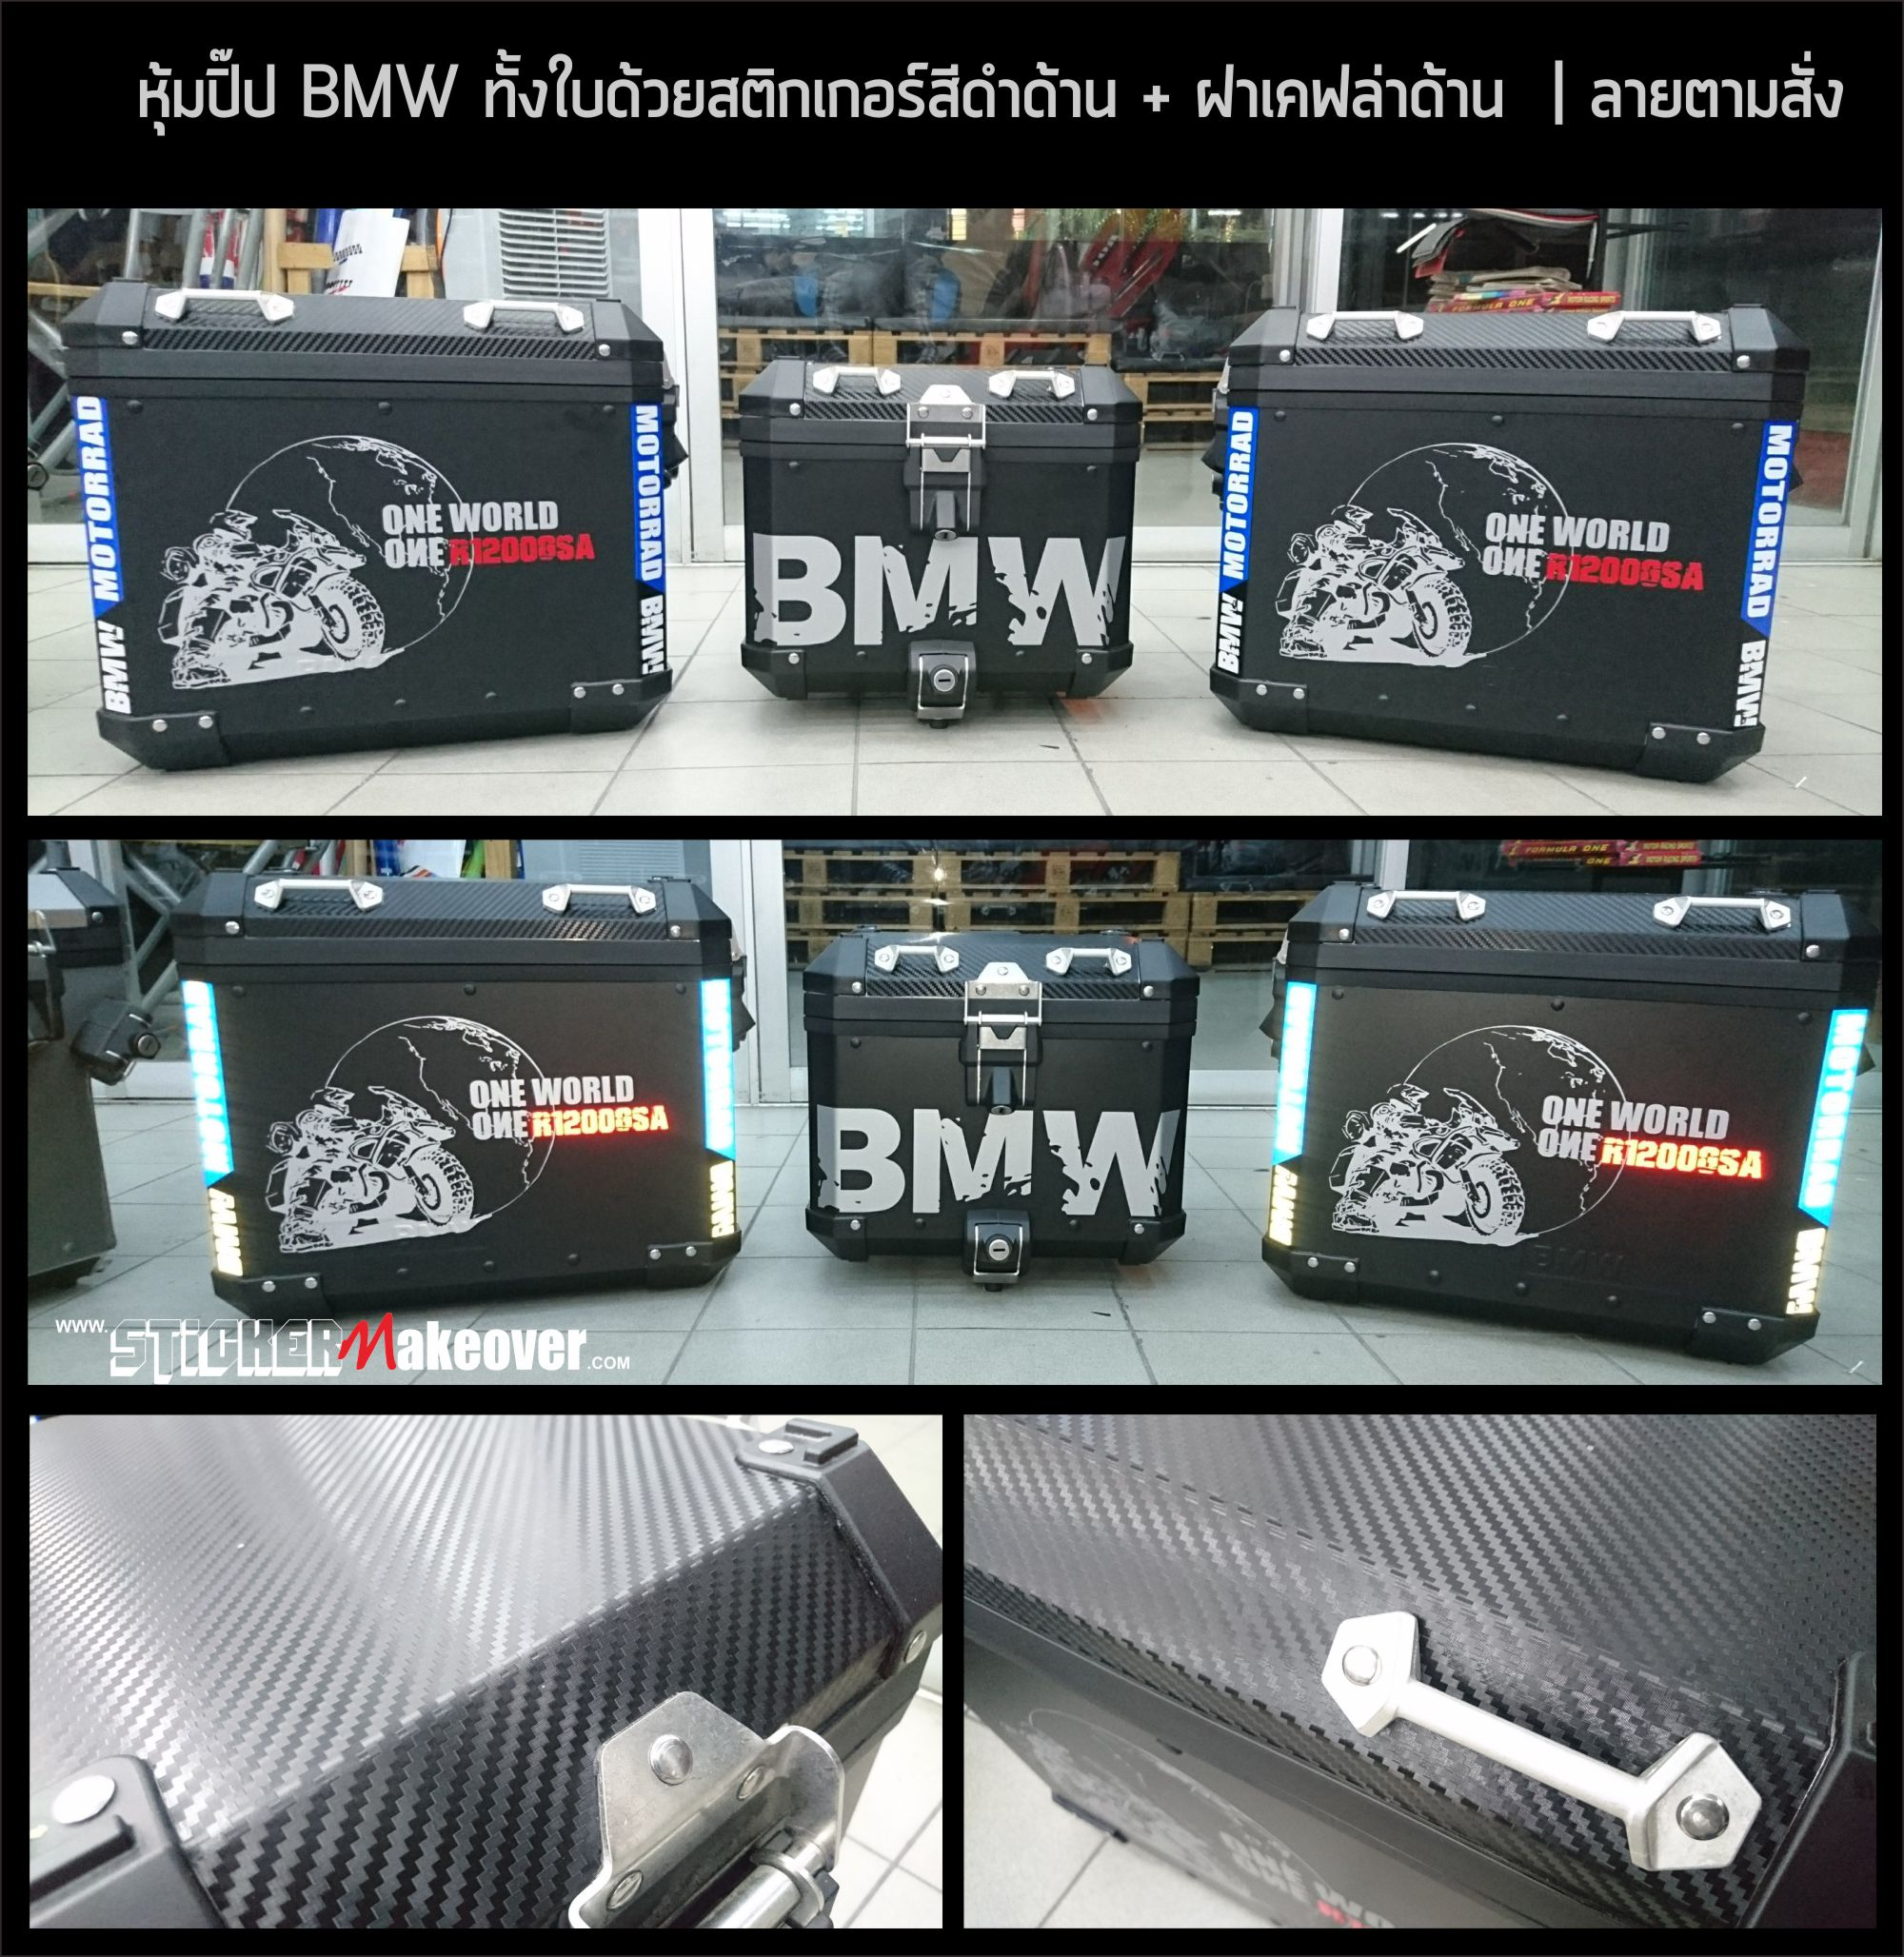 หุ้มสติกเกอร์ข้างถัง BMWR1200gs สติกเกอร์ BMW gsa r1200 ติดสติกเกอร์หมวกกันน็อค wrapx100xr sticker bmw triple blackwrapใสกันรอยbigbikr  wrap bigbike  ติดลาย bigbike  หุ้มใสกันรอยbigbike  หุ้มเปลี่ยนสีbigbike  แต่งลายbigbike  สติกเกอร์bigbike  แต่งbigbike  wrap sticker bmw gsa r1200  iconic limited edition wrapเปลี่ยนสีโช้ค ducati  หุ้มเปลี่ยนสีถังtriumph  สติกเกอร์yamaha สติกเกอร์ Kawasaki หุ้มปิ๊ปBMW หุ้มปิ๊ป touratech